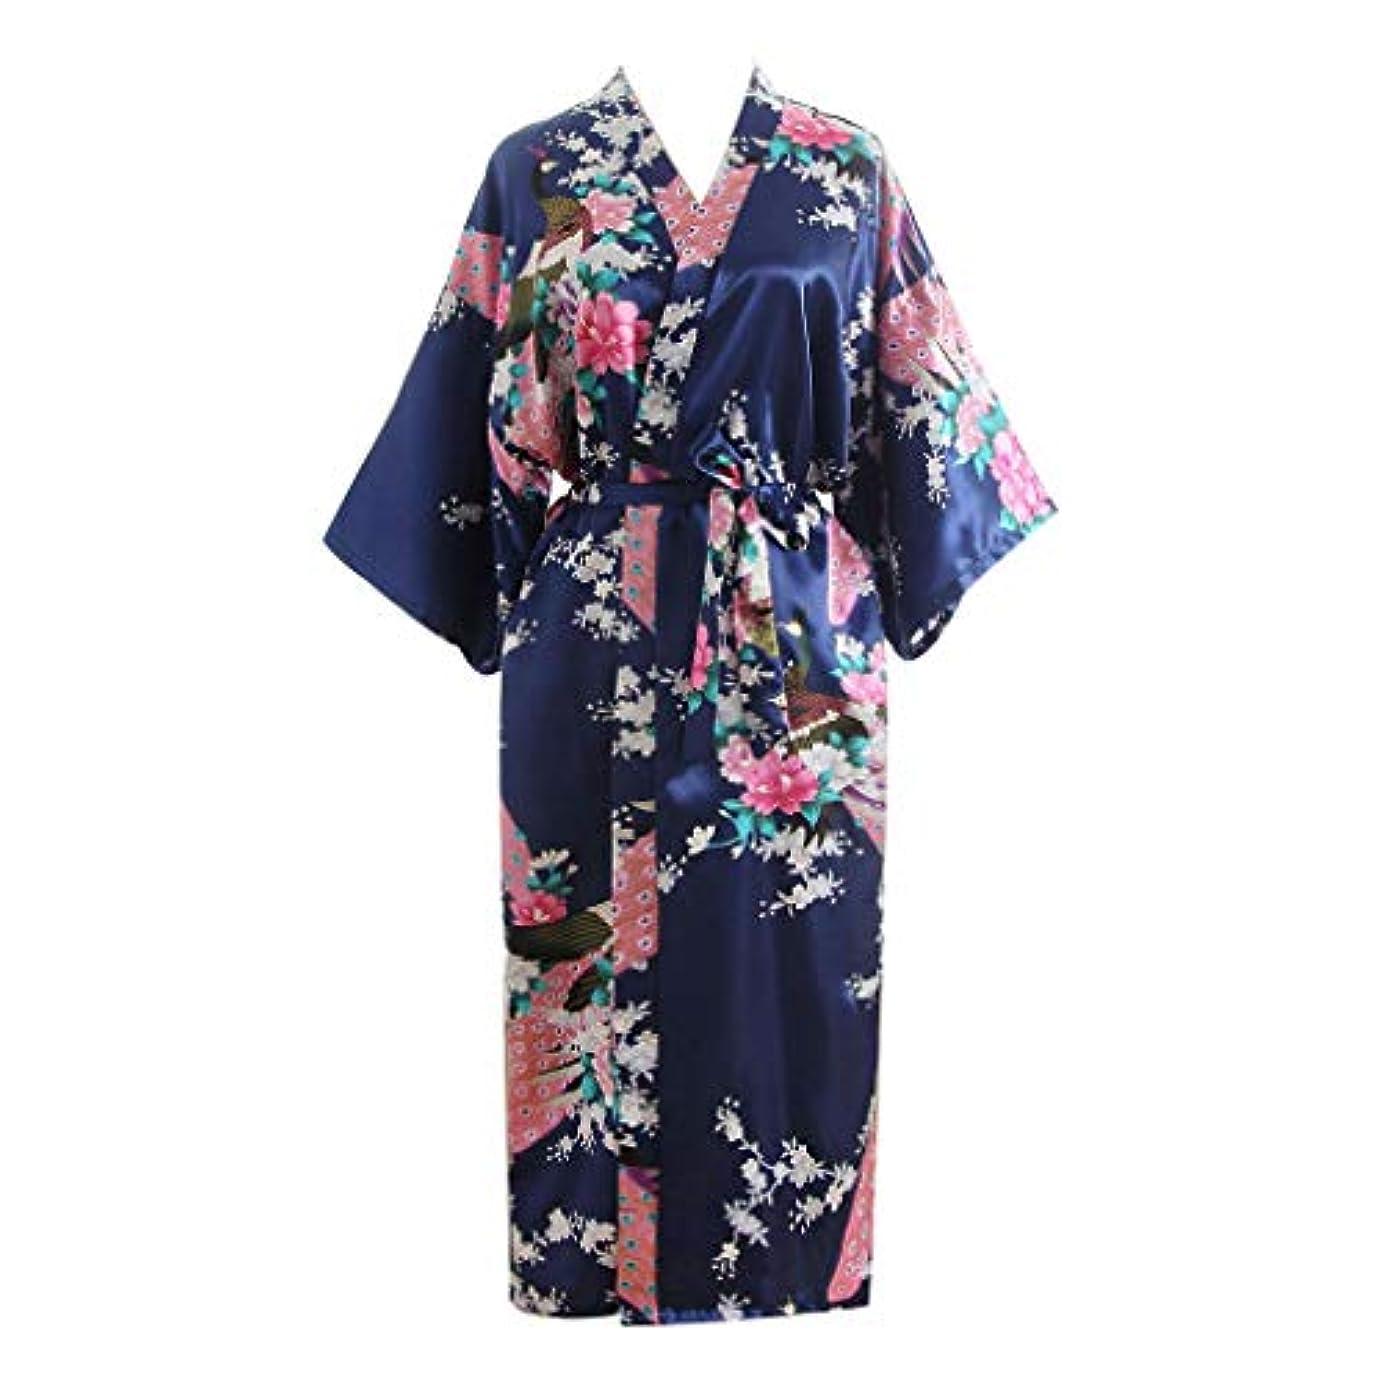 送ったデイジー重なるパジャマ liqiuxiang 女性 スリップ エレガント 和風 レディース リボン 日常 花柄 上品 バスローブウーマン 快適 柔らかい ルームウエア ギフト 記念日